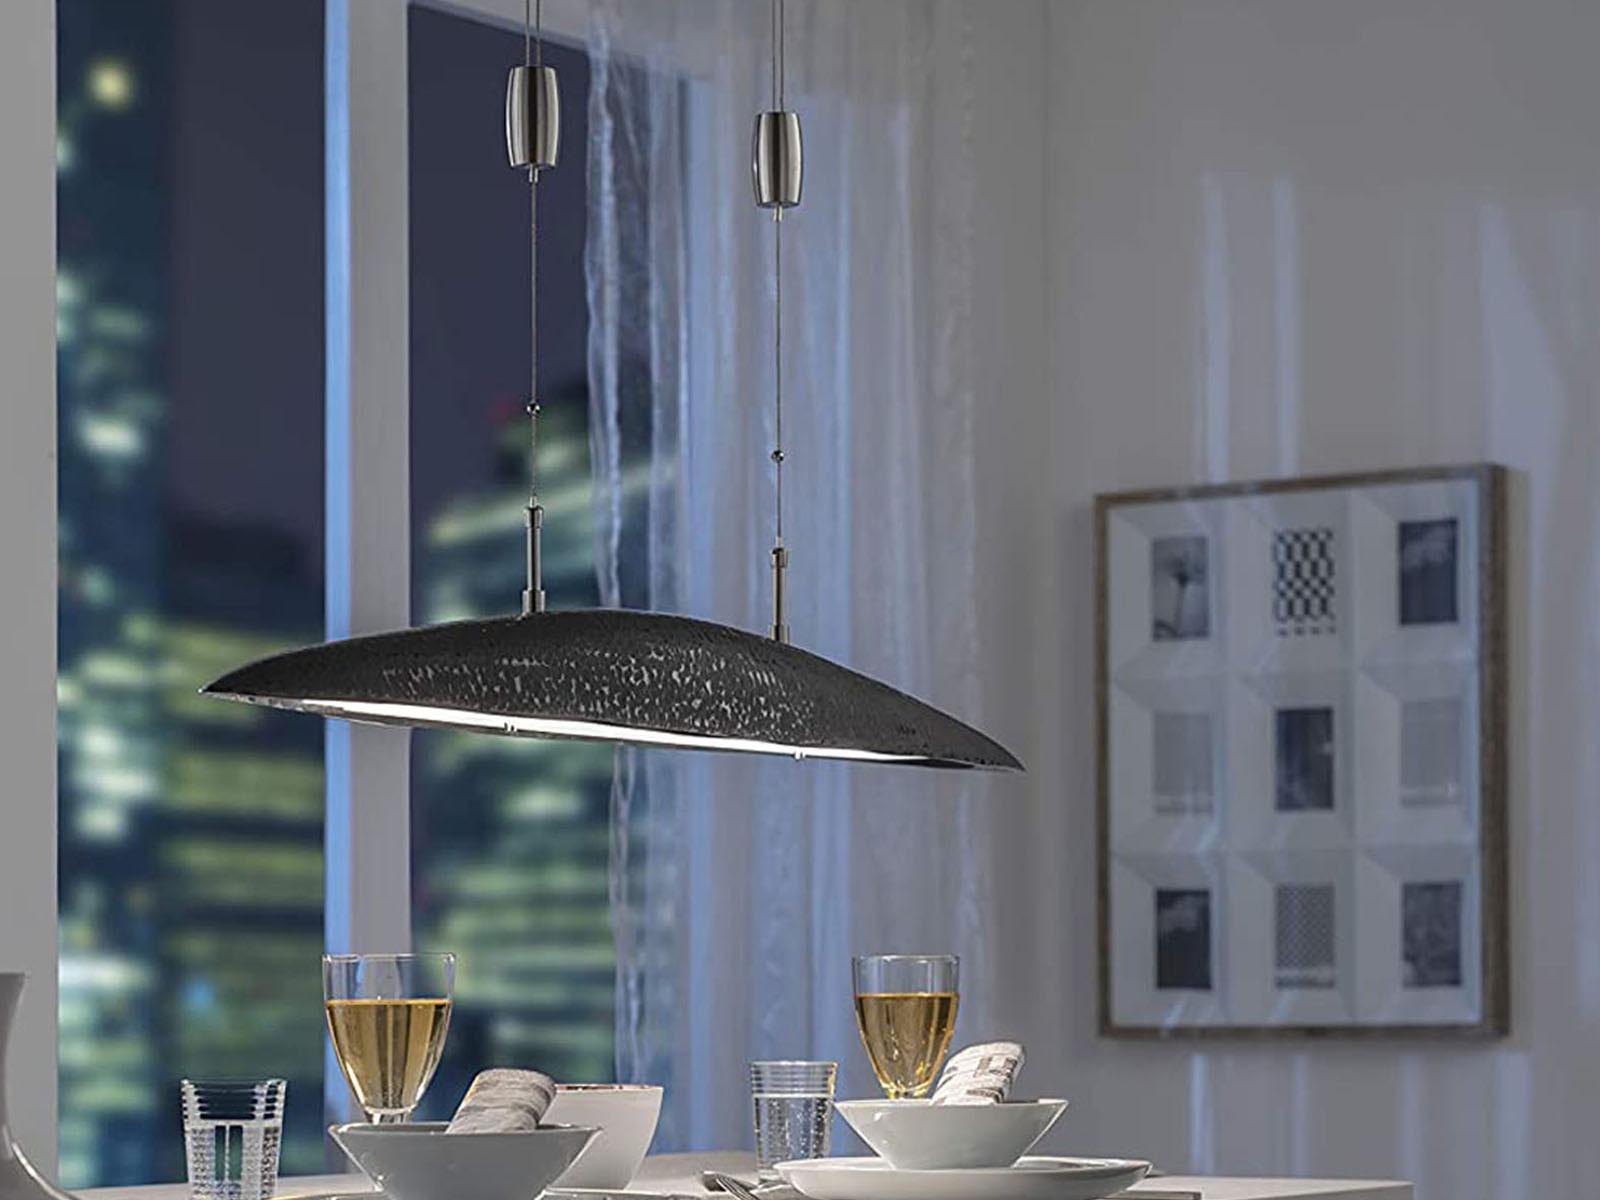 Fischer LED Hängelampe SHINE-ALU braun höhenverstellbar Tunable Weiß dimmbar